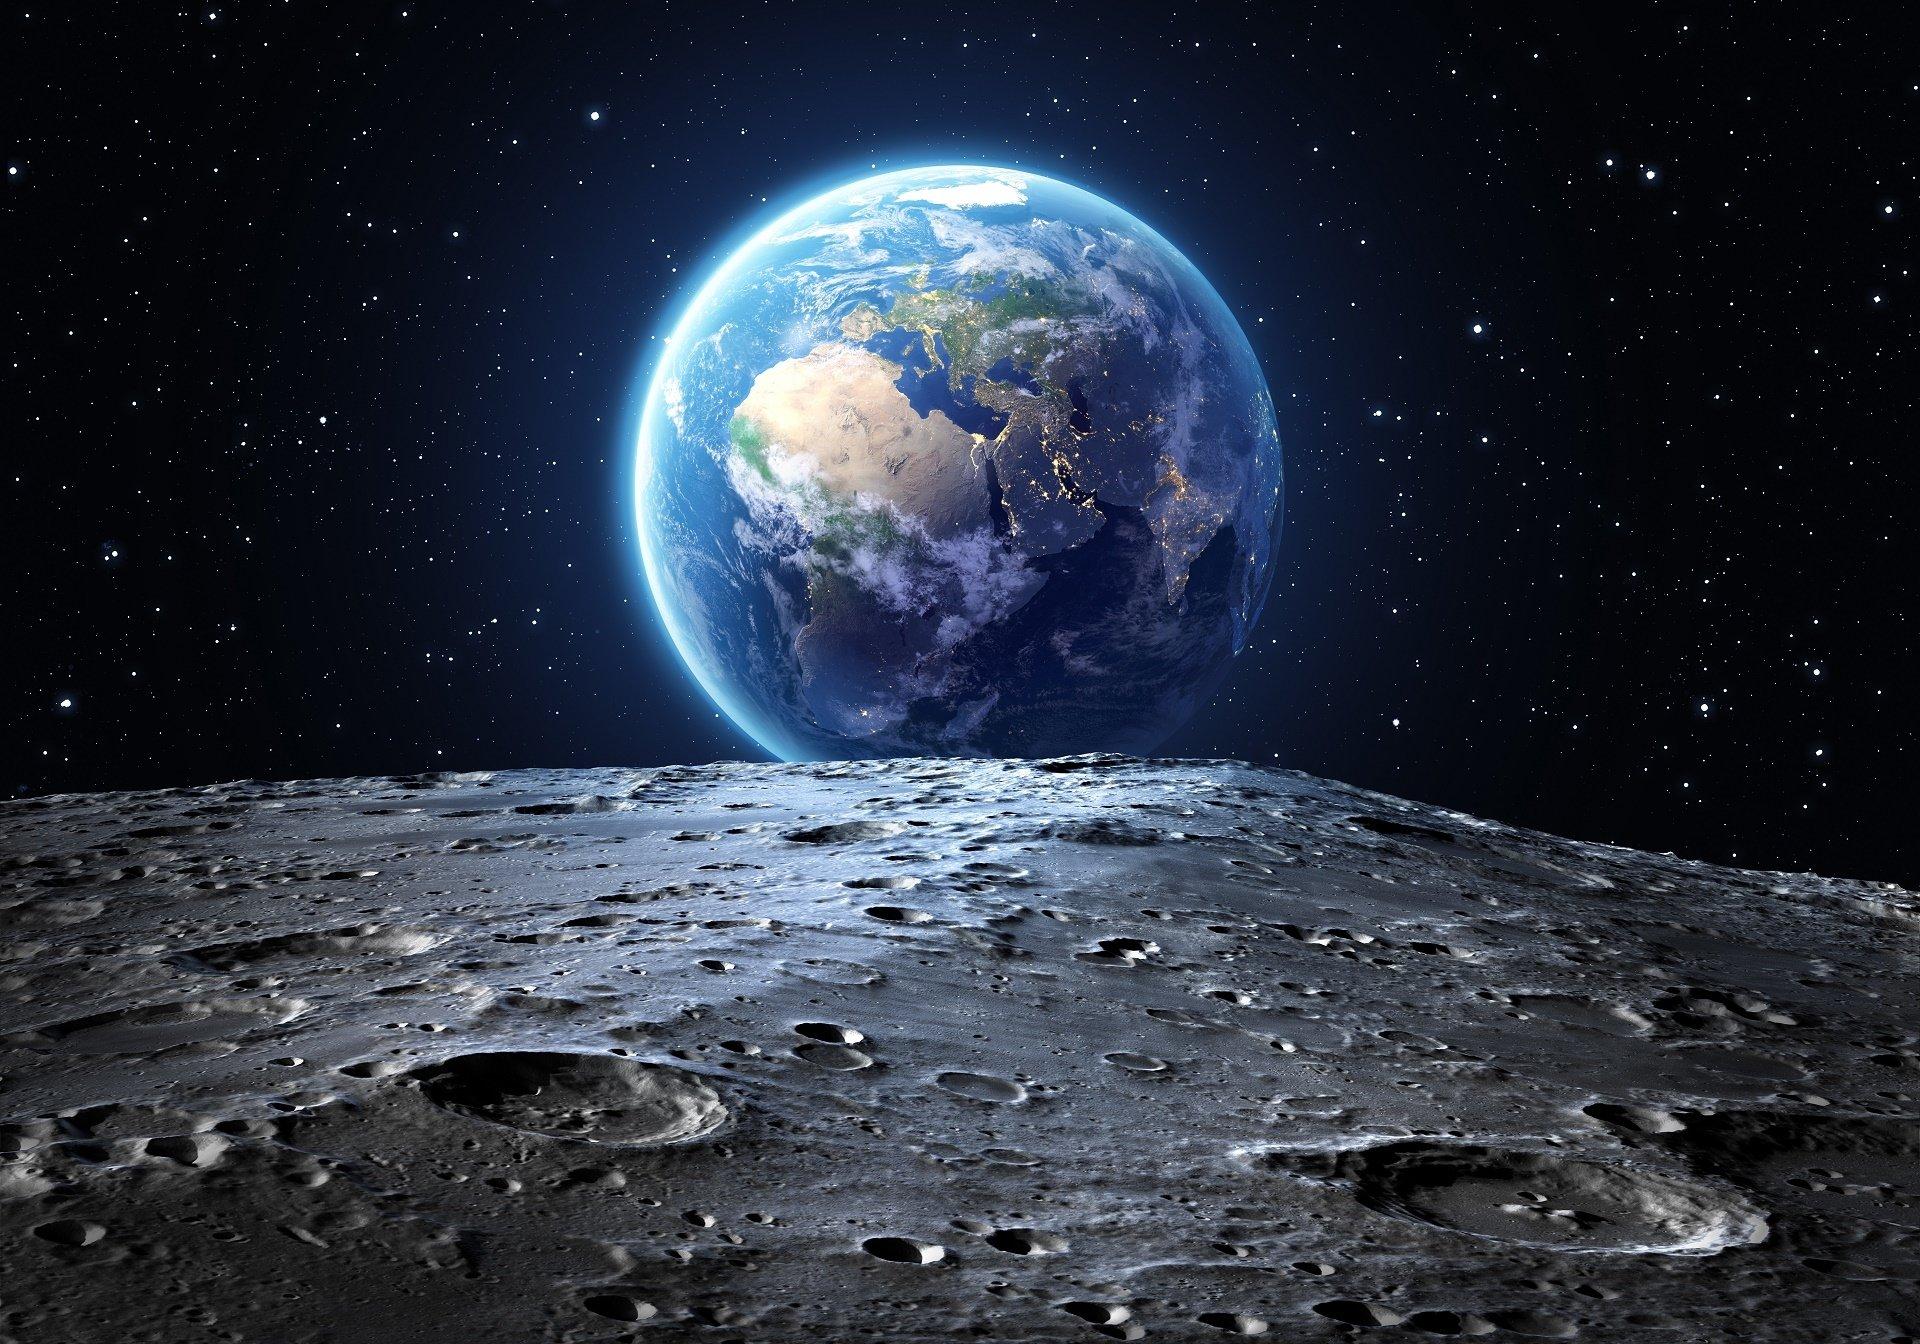 Photos Humour : benne soirée et bonne nuit  de la lune les terrien